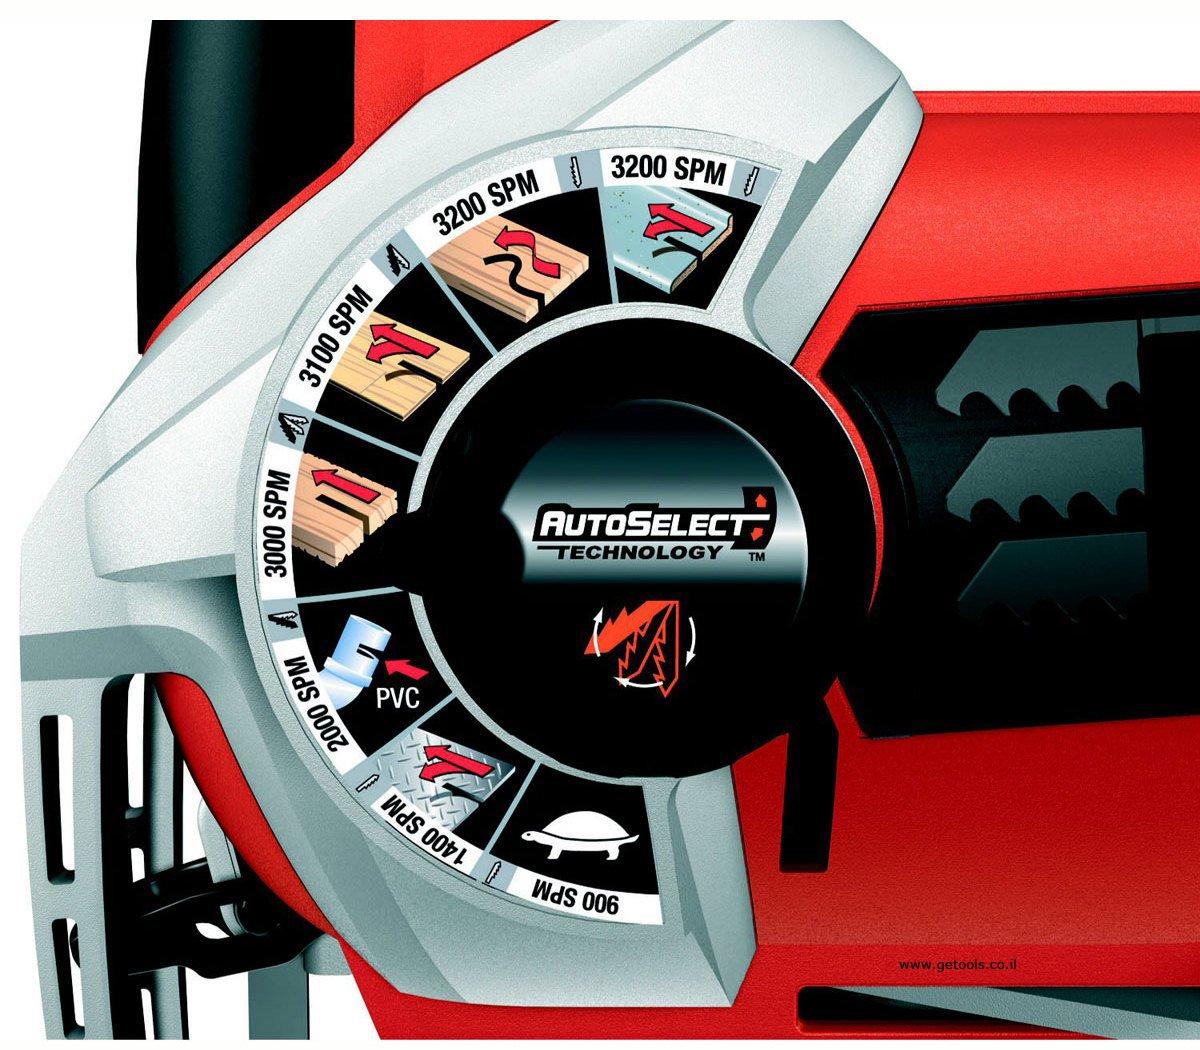 מערכת AUTO SELECT - התאמה אוטומטית של מהירות הלהב וחיתוך הפנדל לפי סוג החומר לחיתוך.